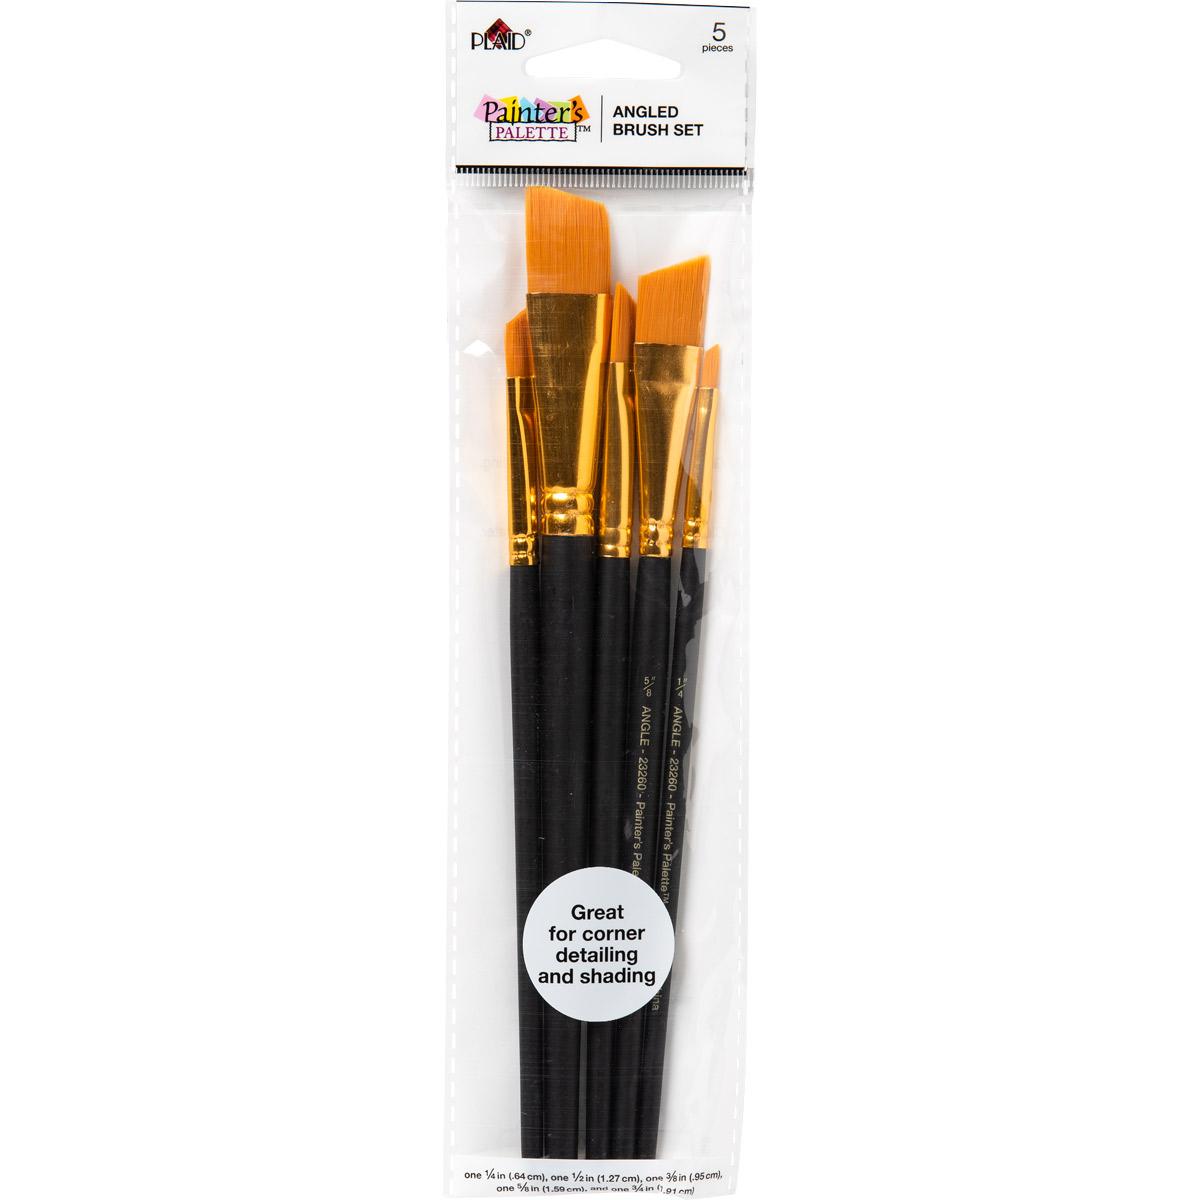 Plaid ® Painter's Palette™ Angled Brush Set, 5 pcs.